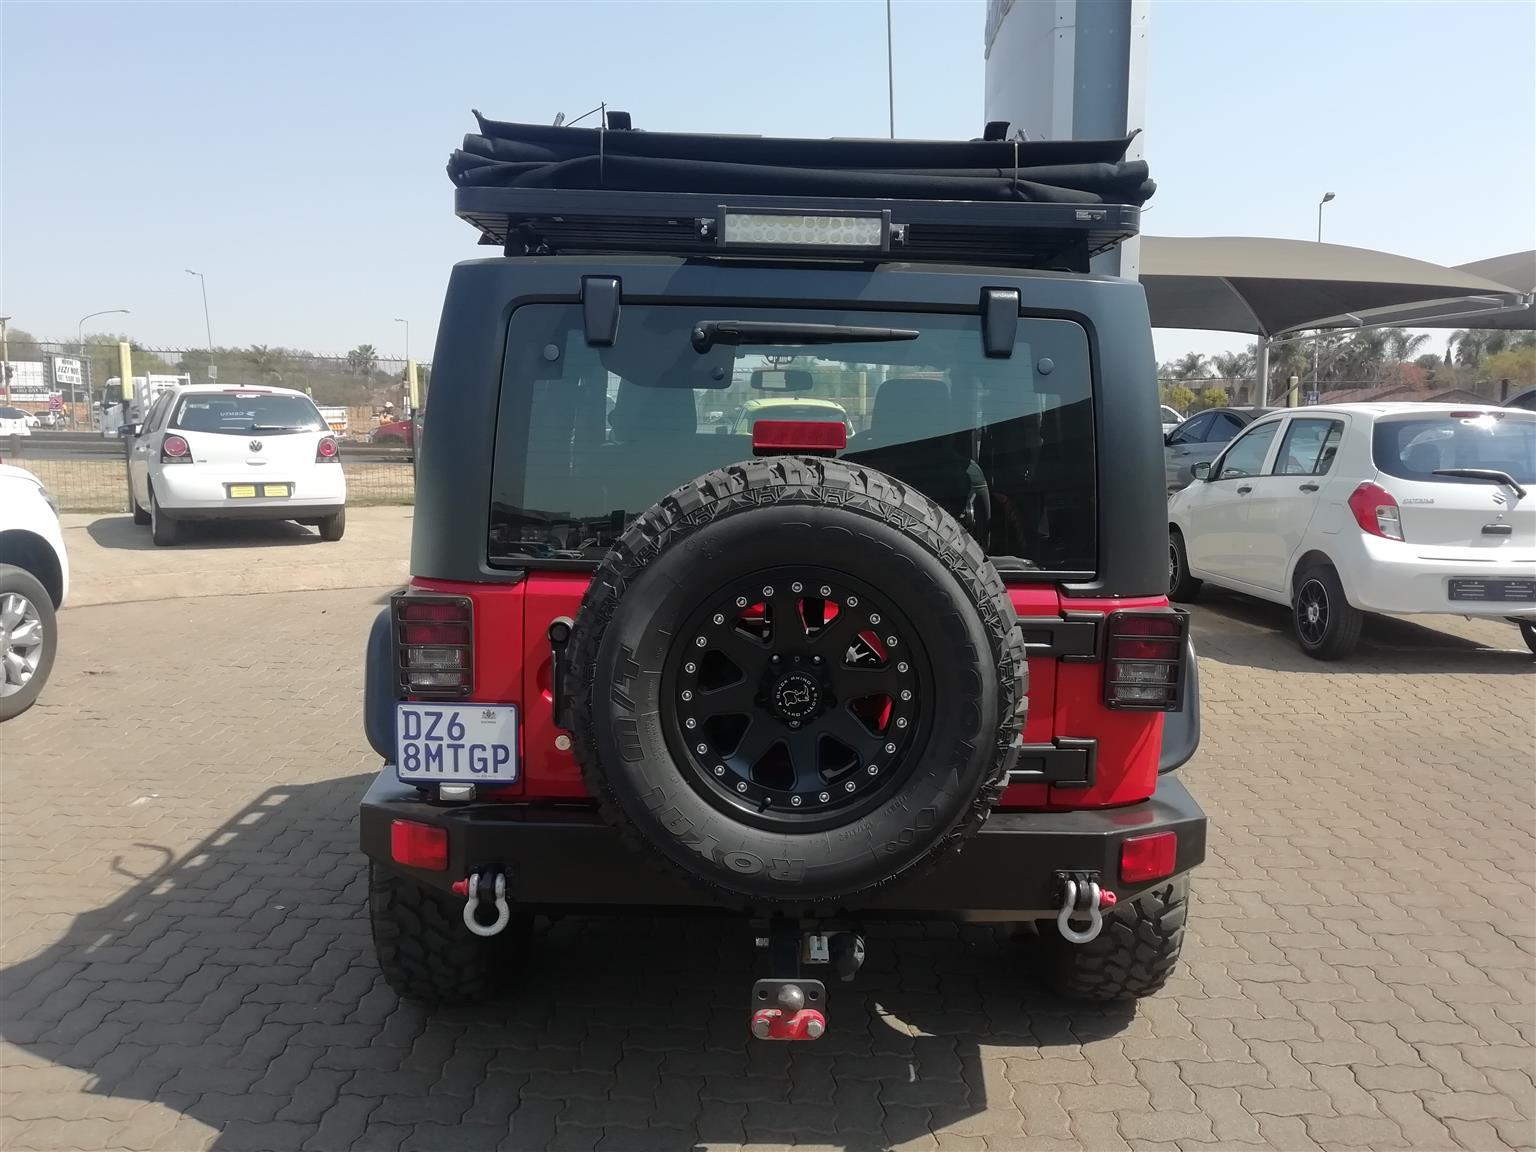 2015 Jeep Wrangler 3.6L Rubicon